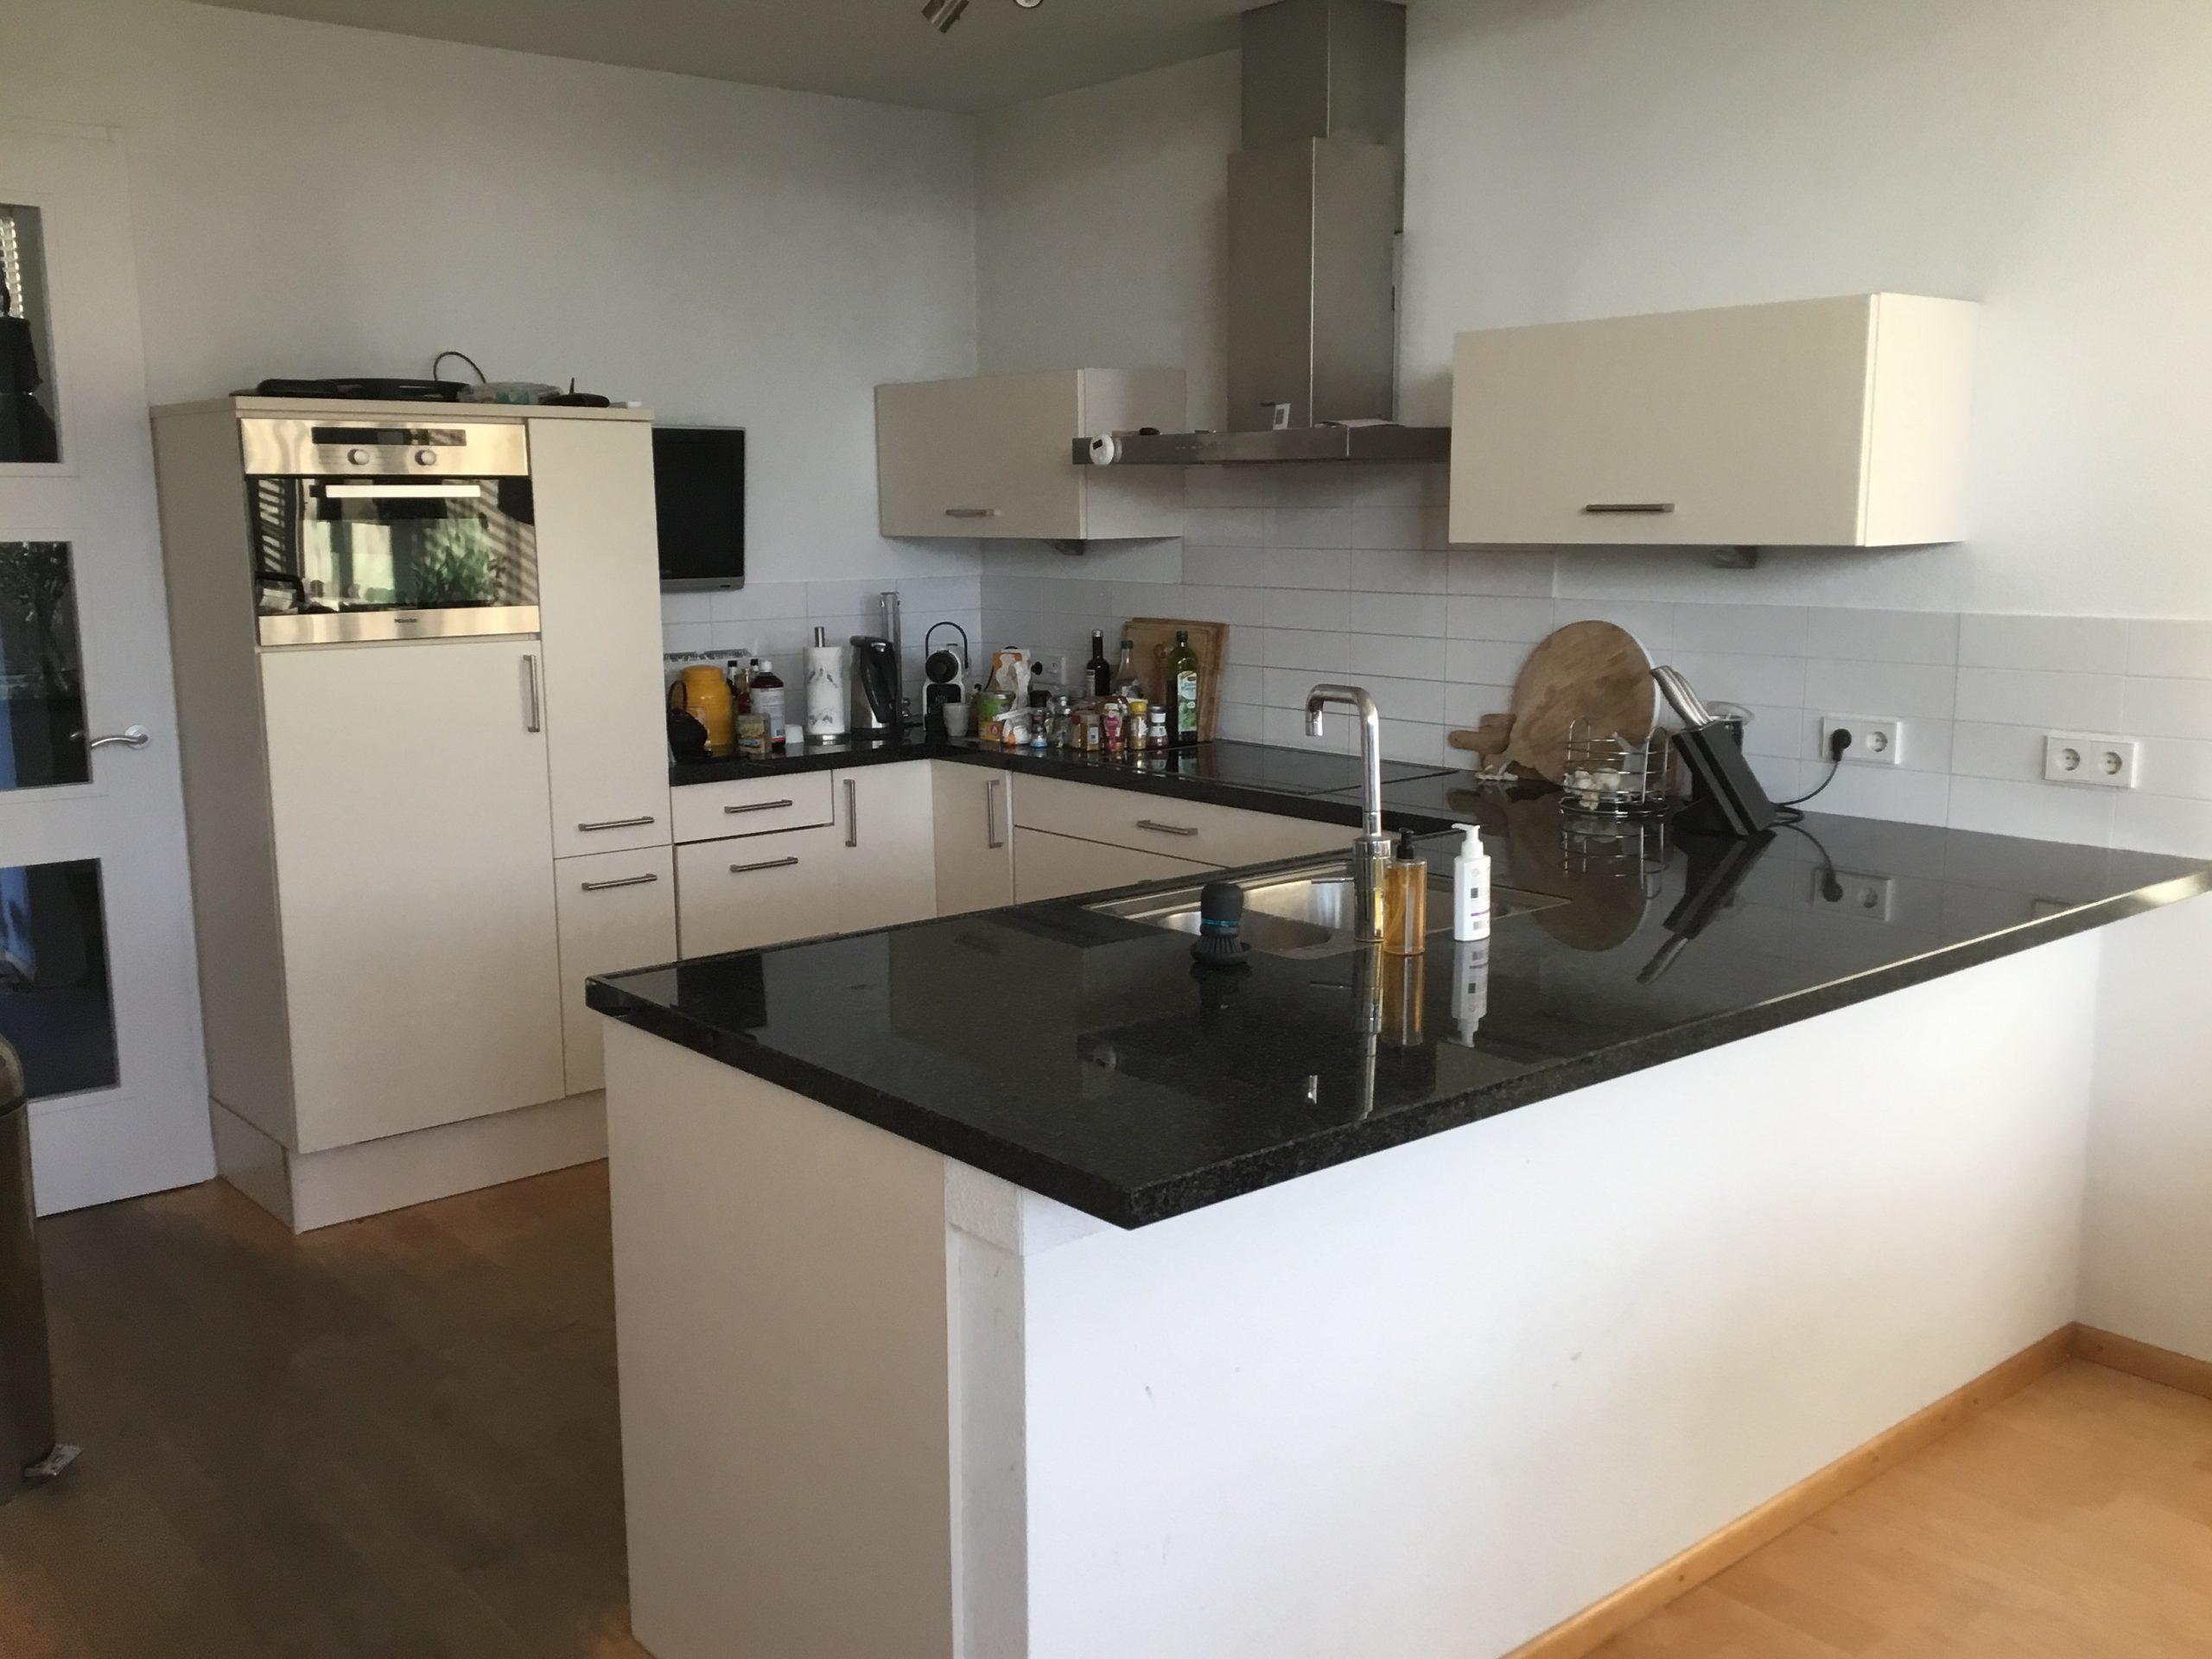 Moderne U Vorm Keuken Incl Alle Apparatuur Granieten Blad Tweedehands Keuken Kwaliteit